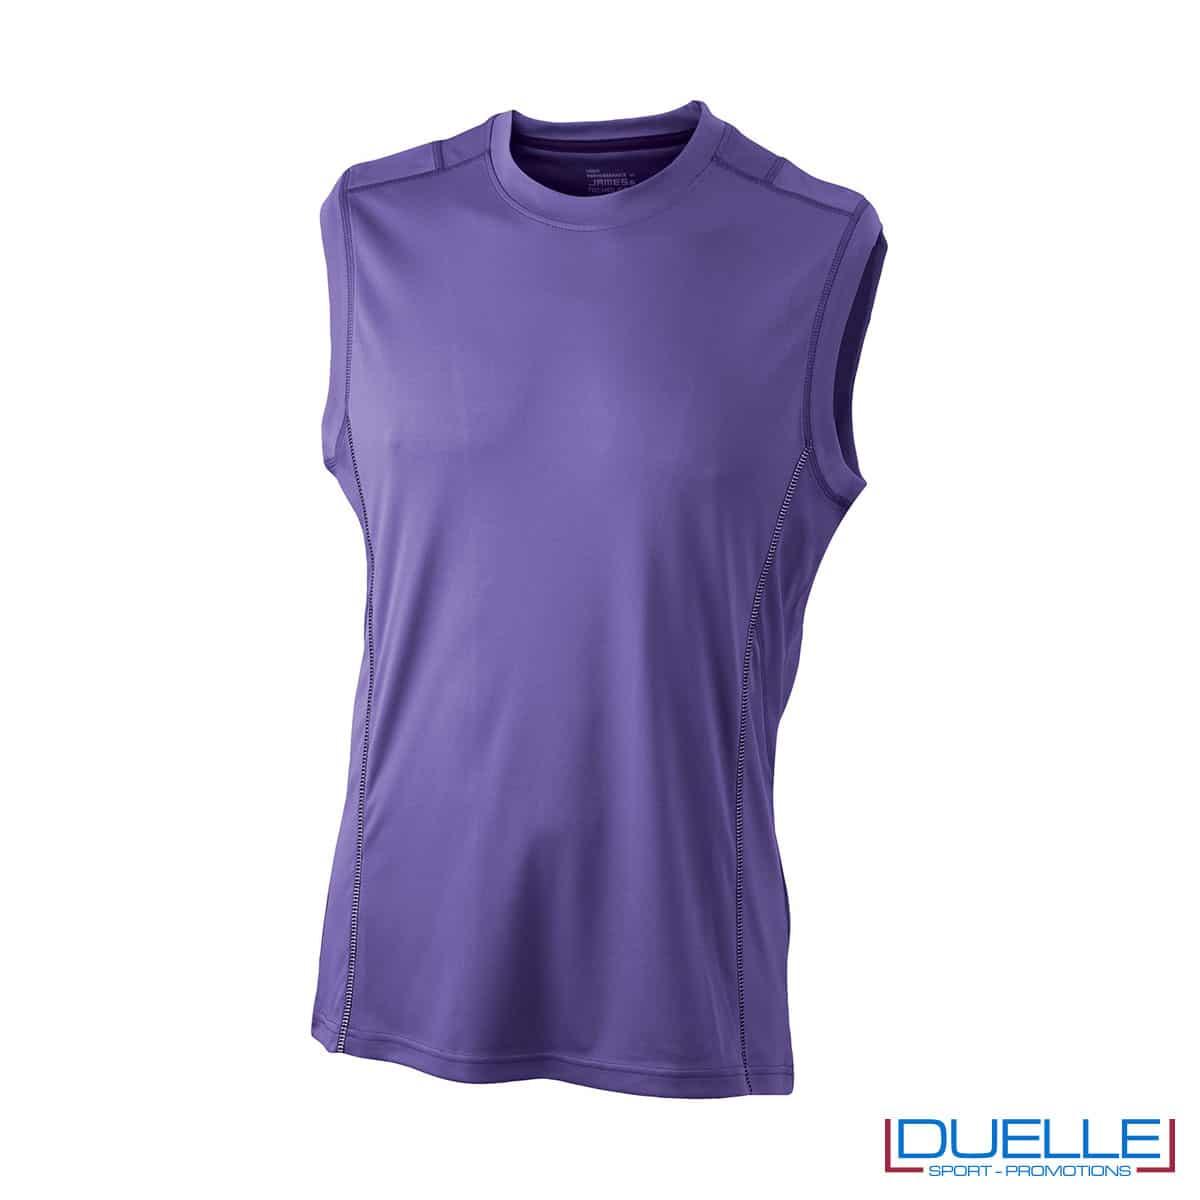 Canotta running uomo colore viola personalizzabile